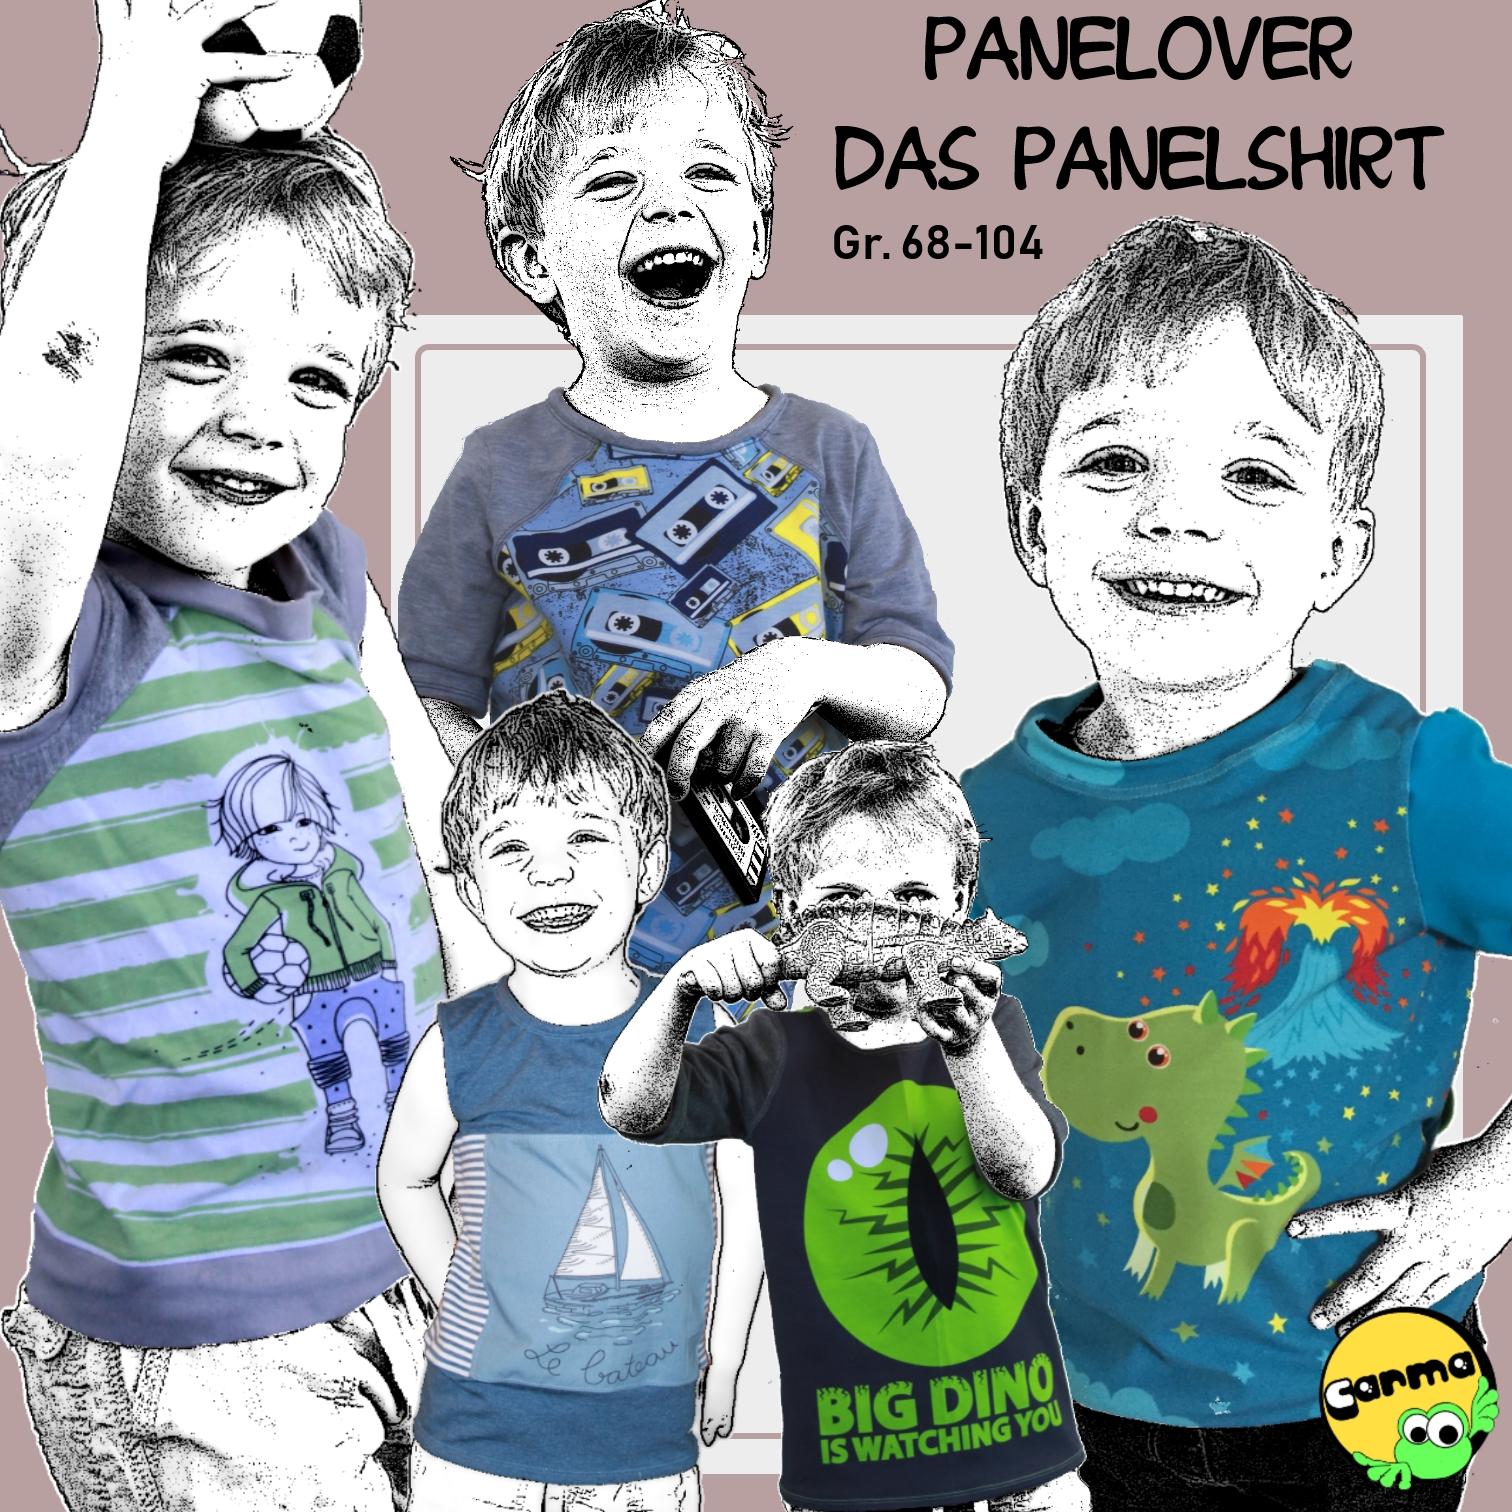 Panelover Grösse 68-104 Das Shirt